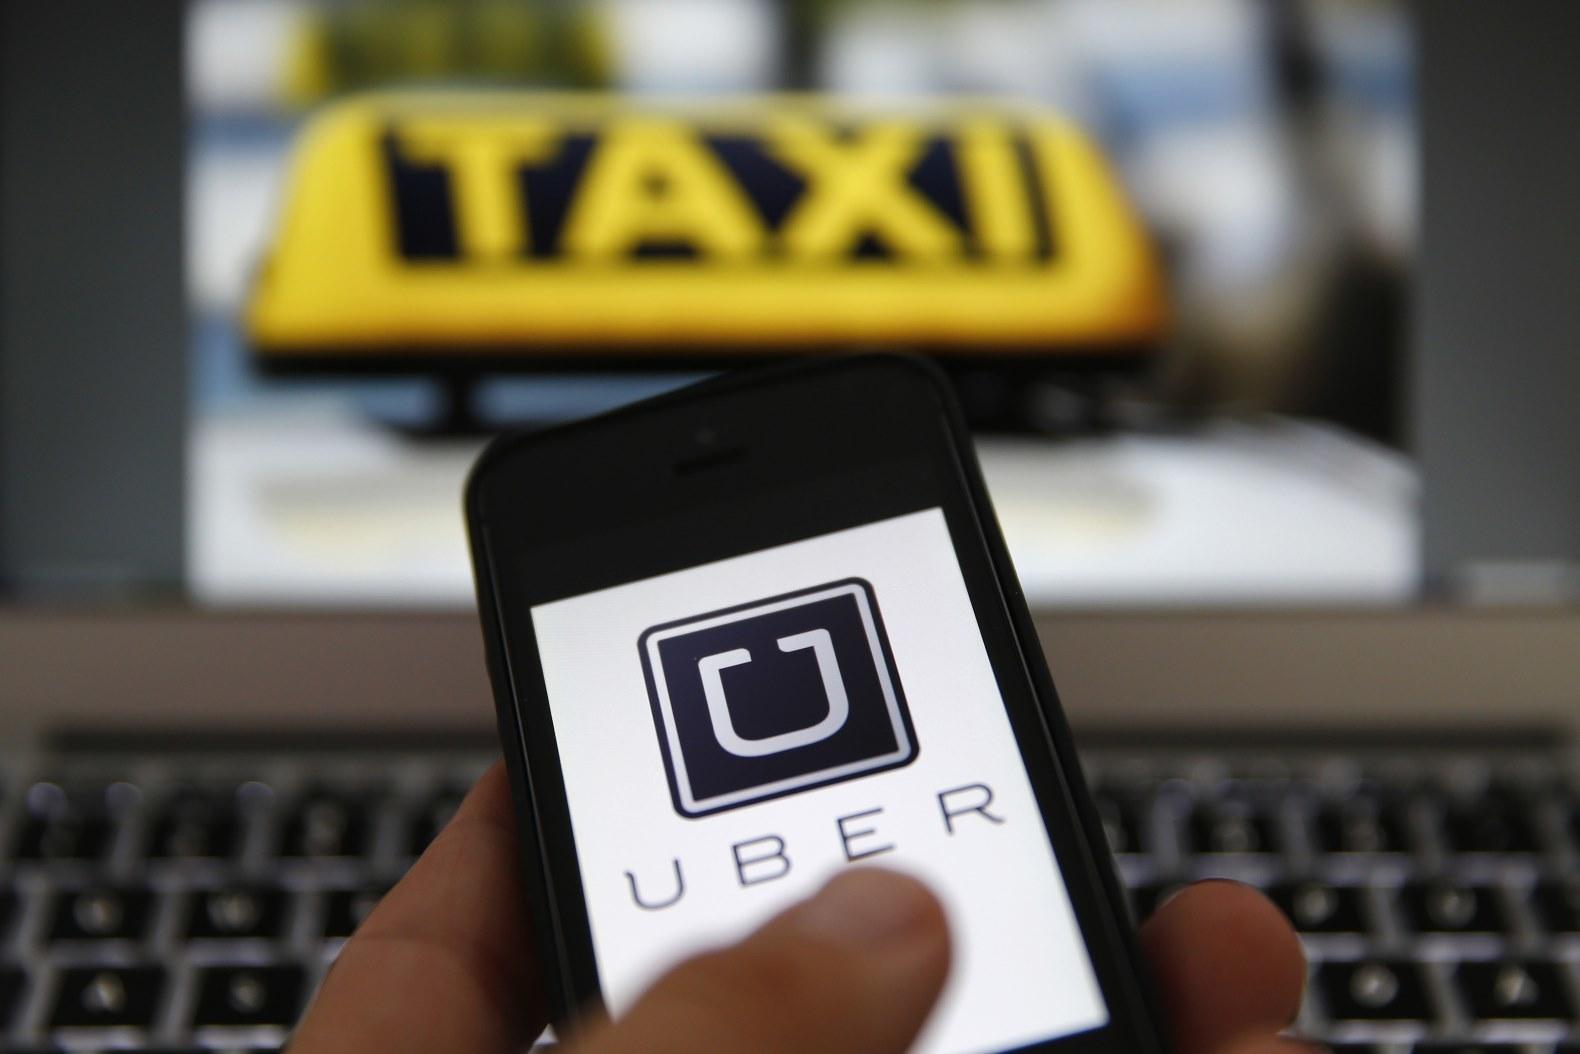 Роспотребнадзор оштрафовал Uber на 100 тыс. рублей - 1